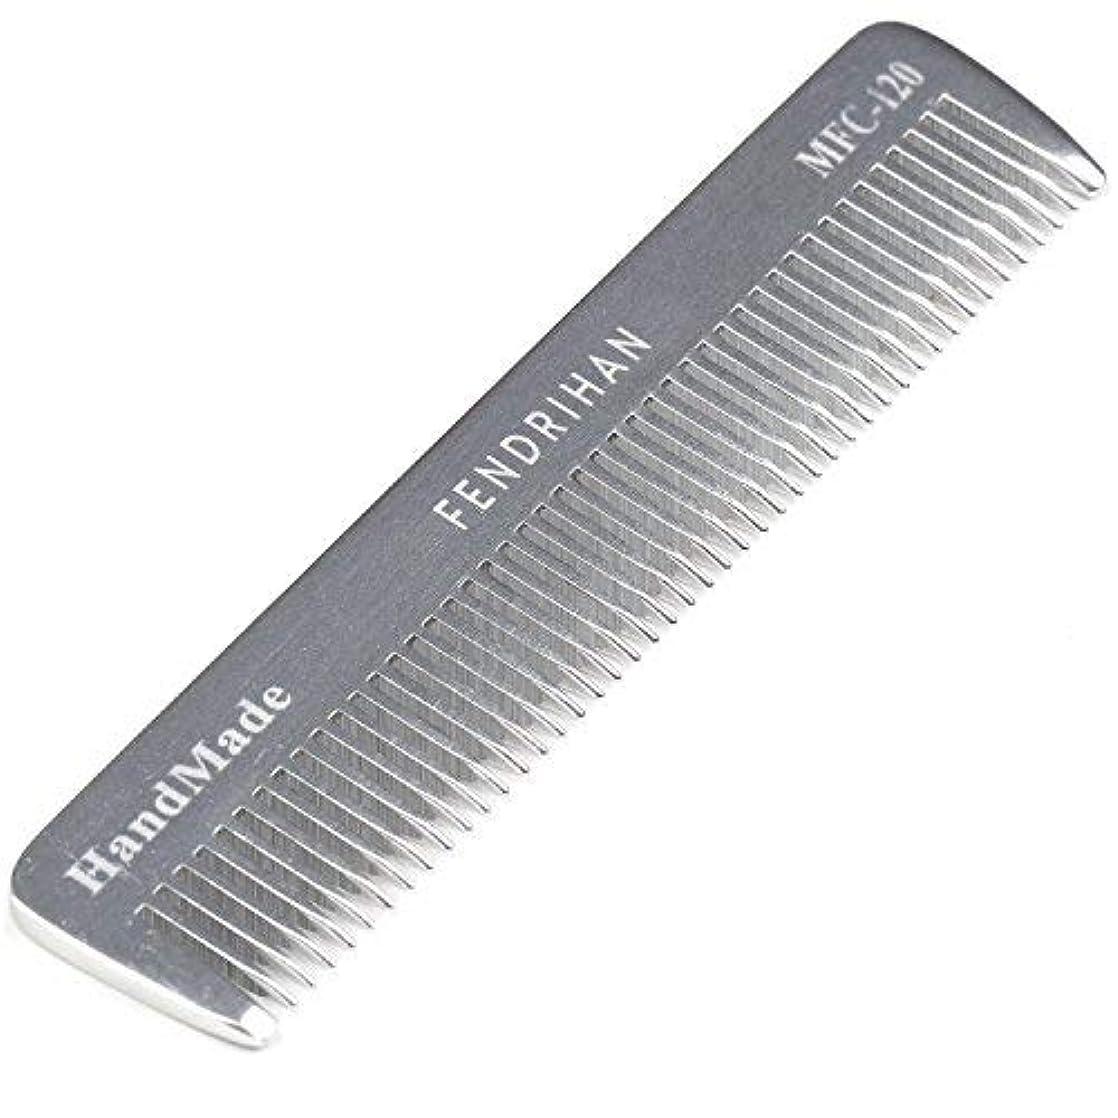 妊娠したグラフィックびっくりするFendrihan Sturdy Metal Fine Tooth Barber Pocket Grooming Comb (4.6 Inches) [並行輸入品]